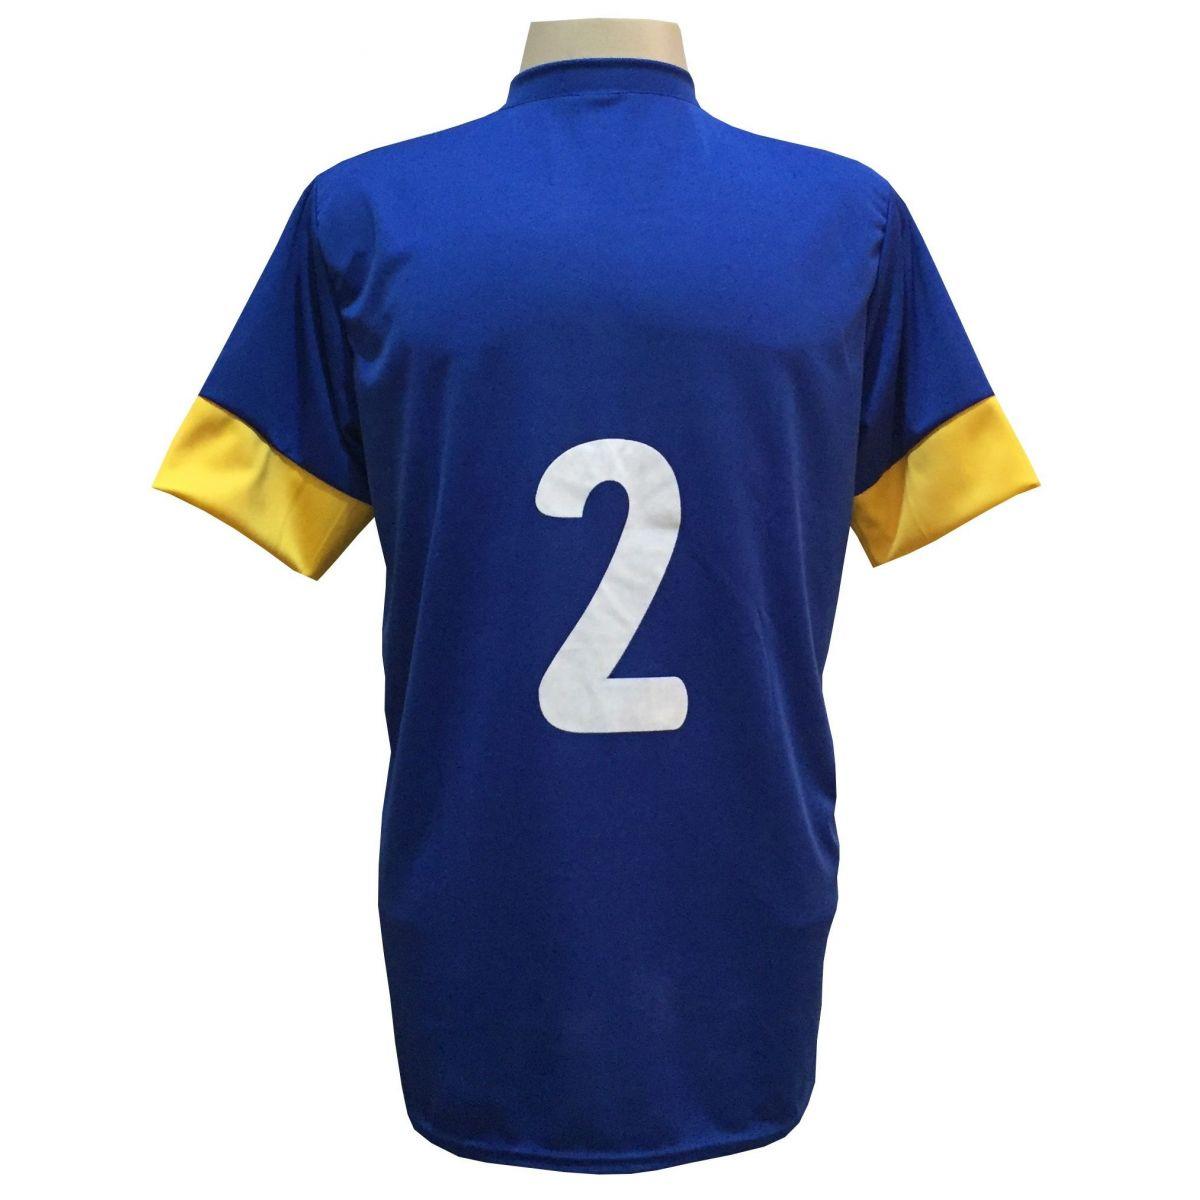 Uniforme Esportivo com 18 camisas modelo Columbus Royal/Amarelo + 18 calções modelo Madrid Amarelo + Brindes